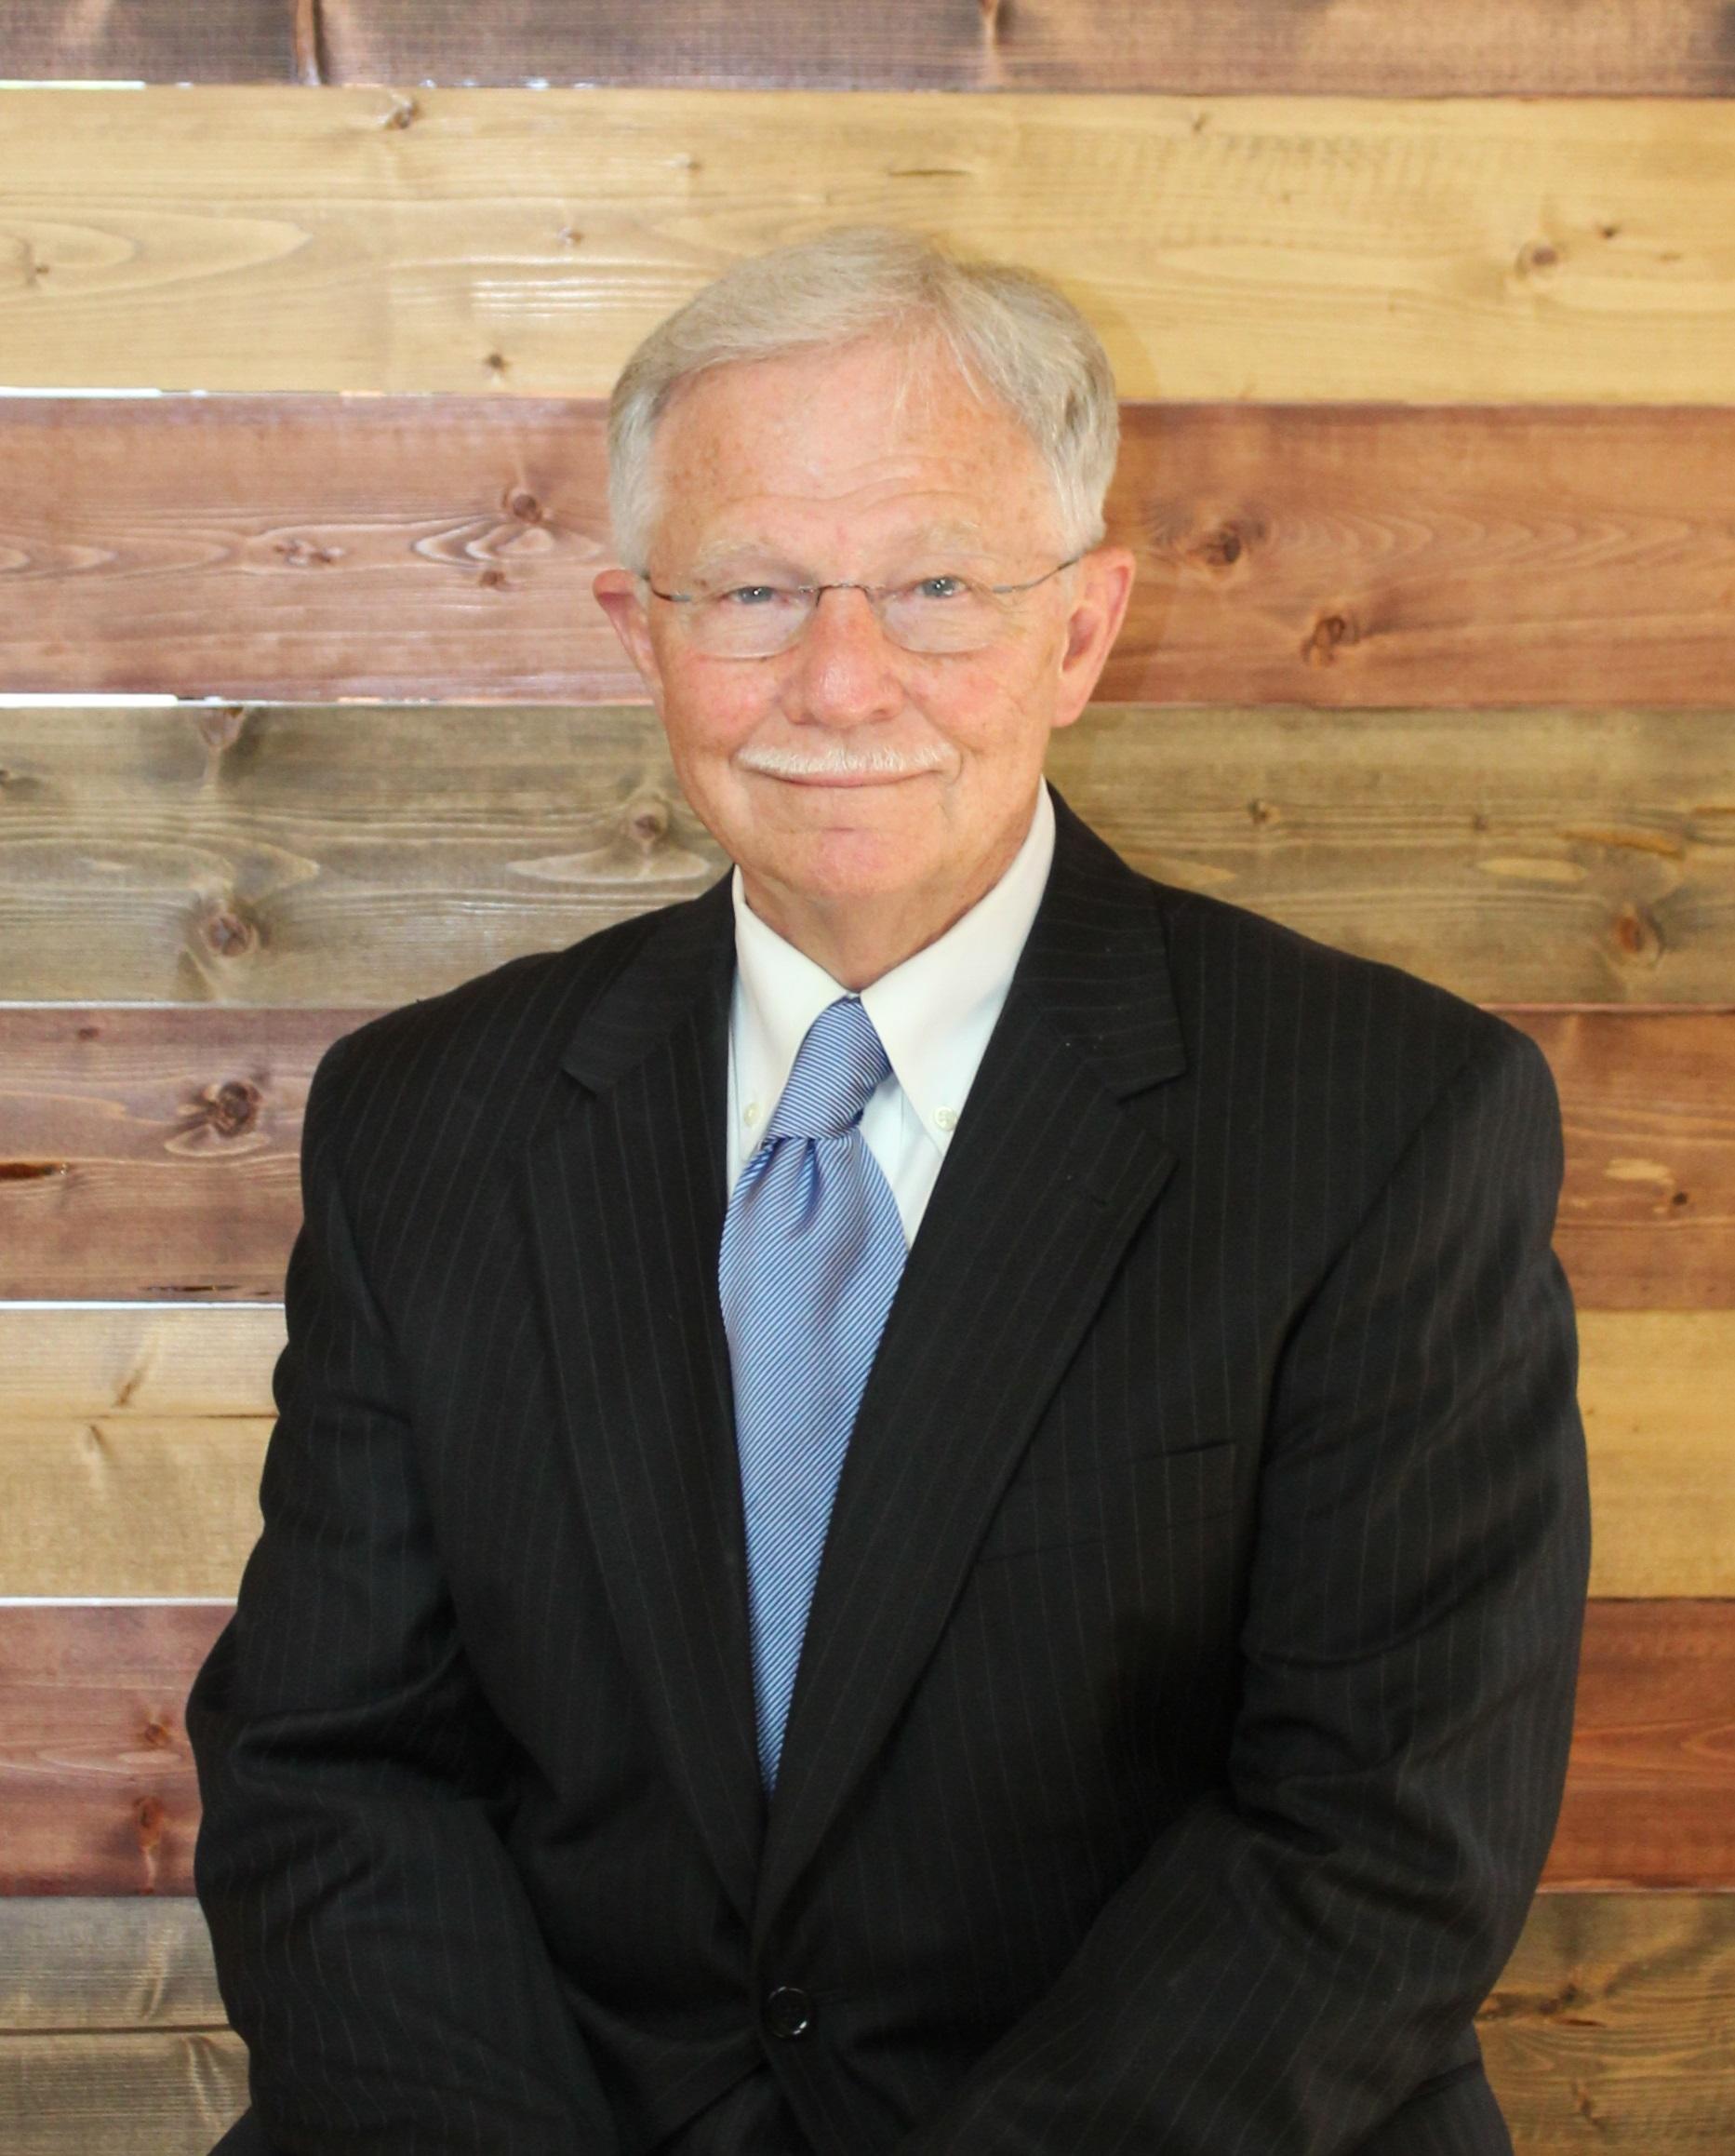 Doug Chapman 016.JPG